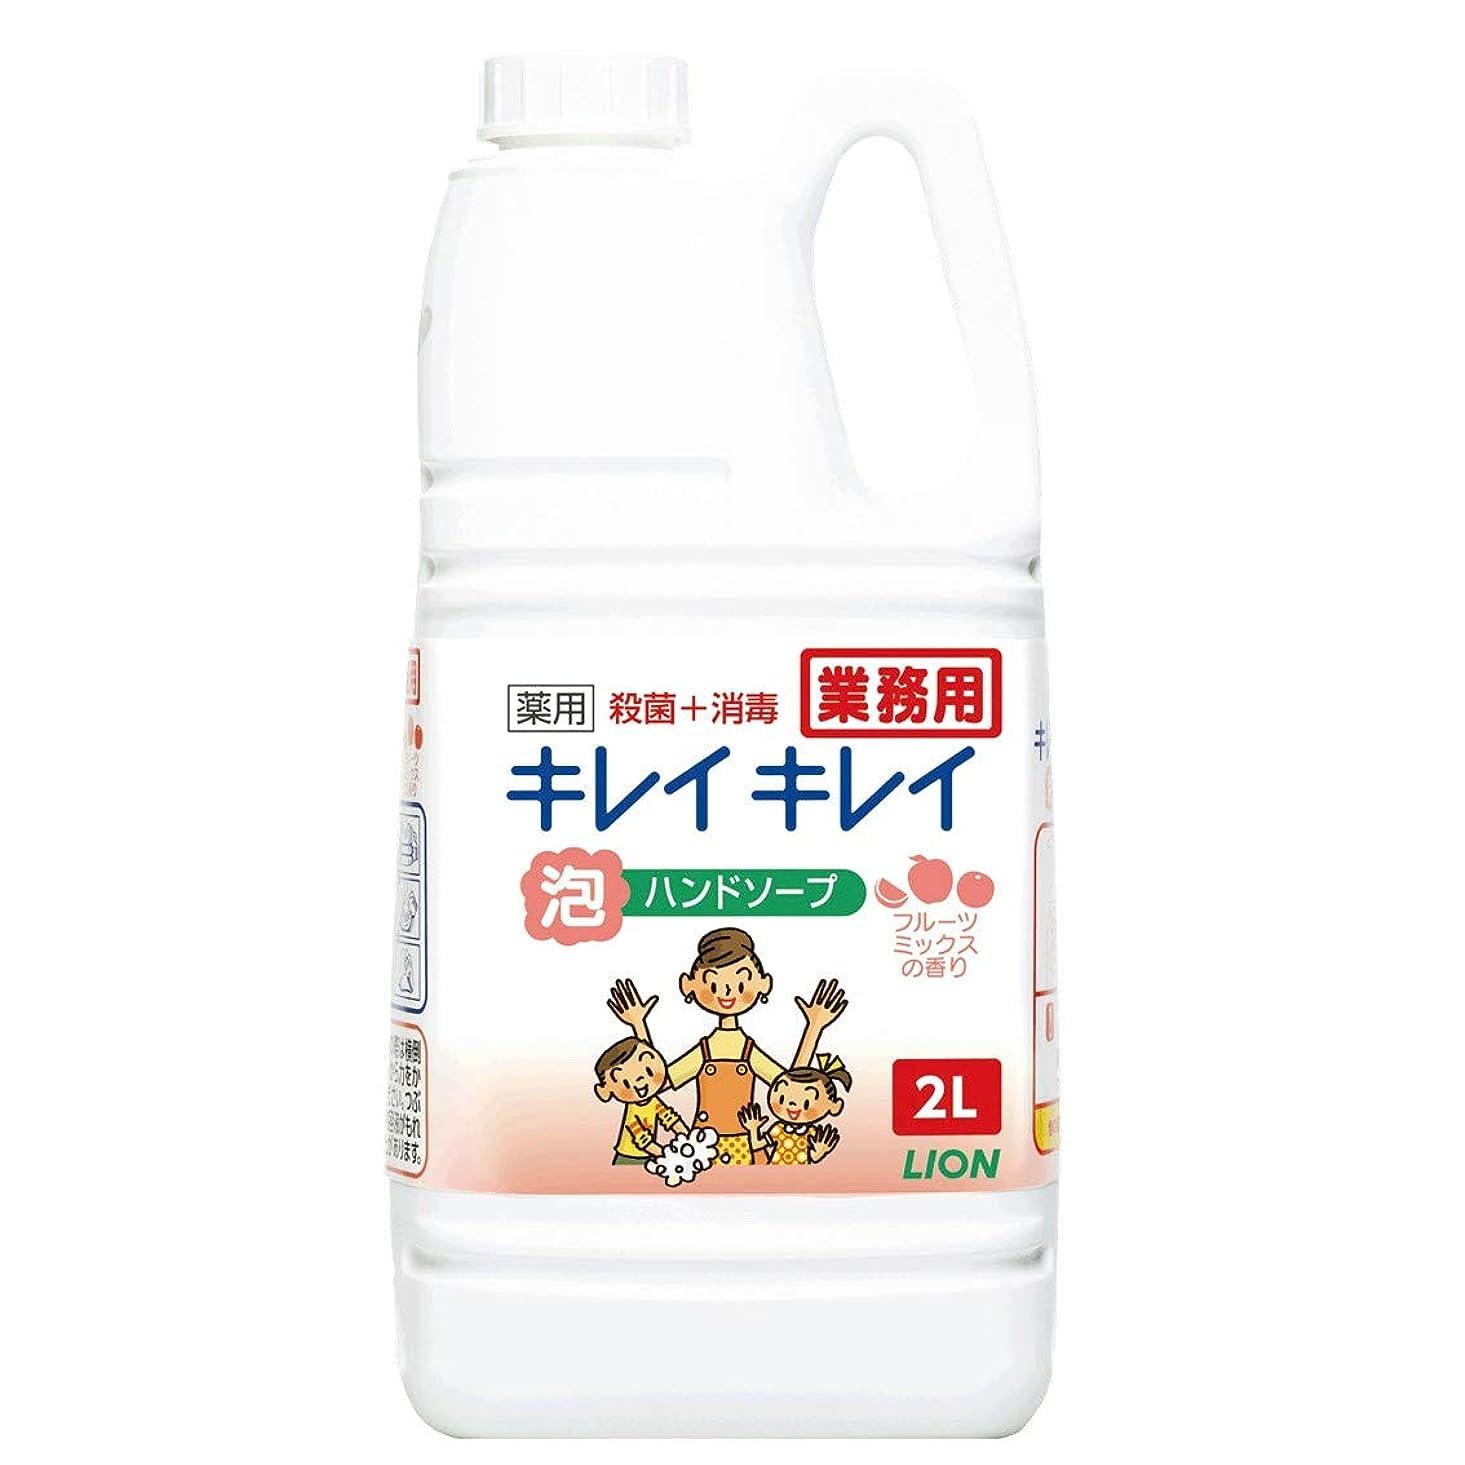 作りお世話になったオフセット【大容量】キレイキレイ 薬用泡ハンドソープ フルーツミックスの香り 2L